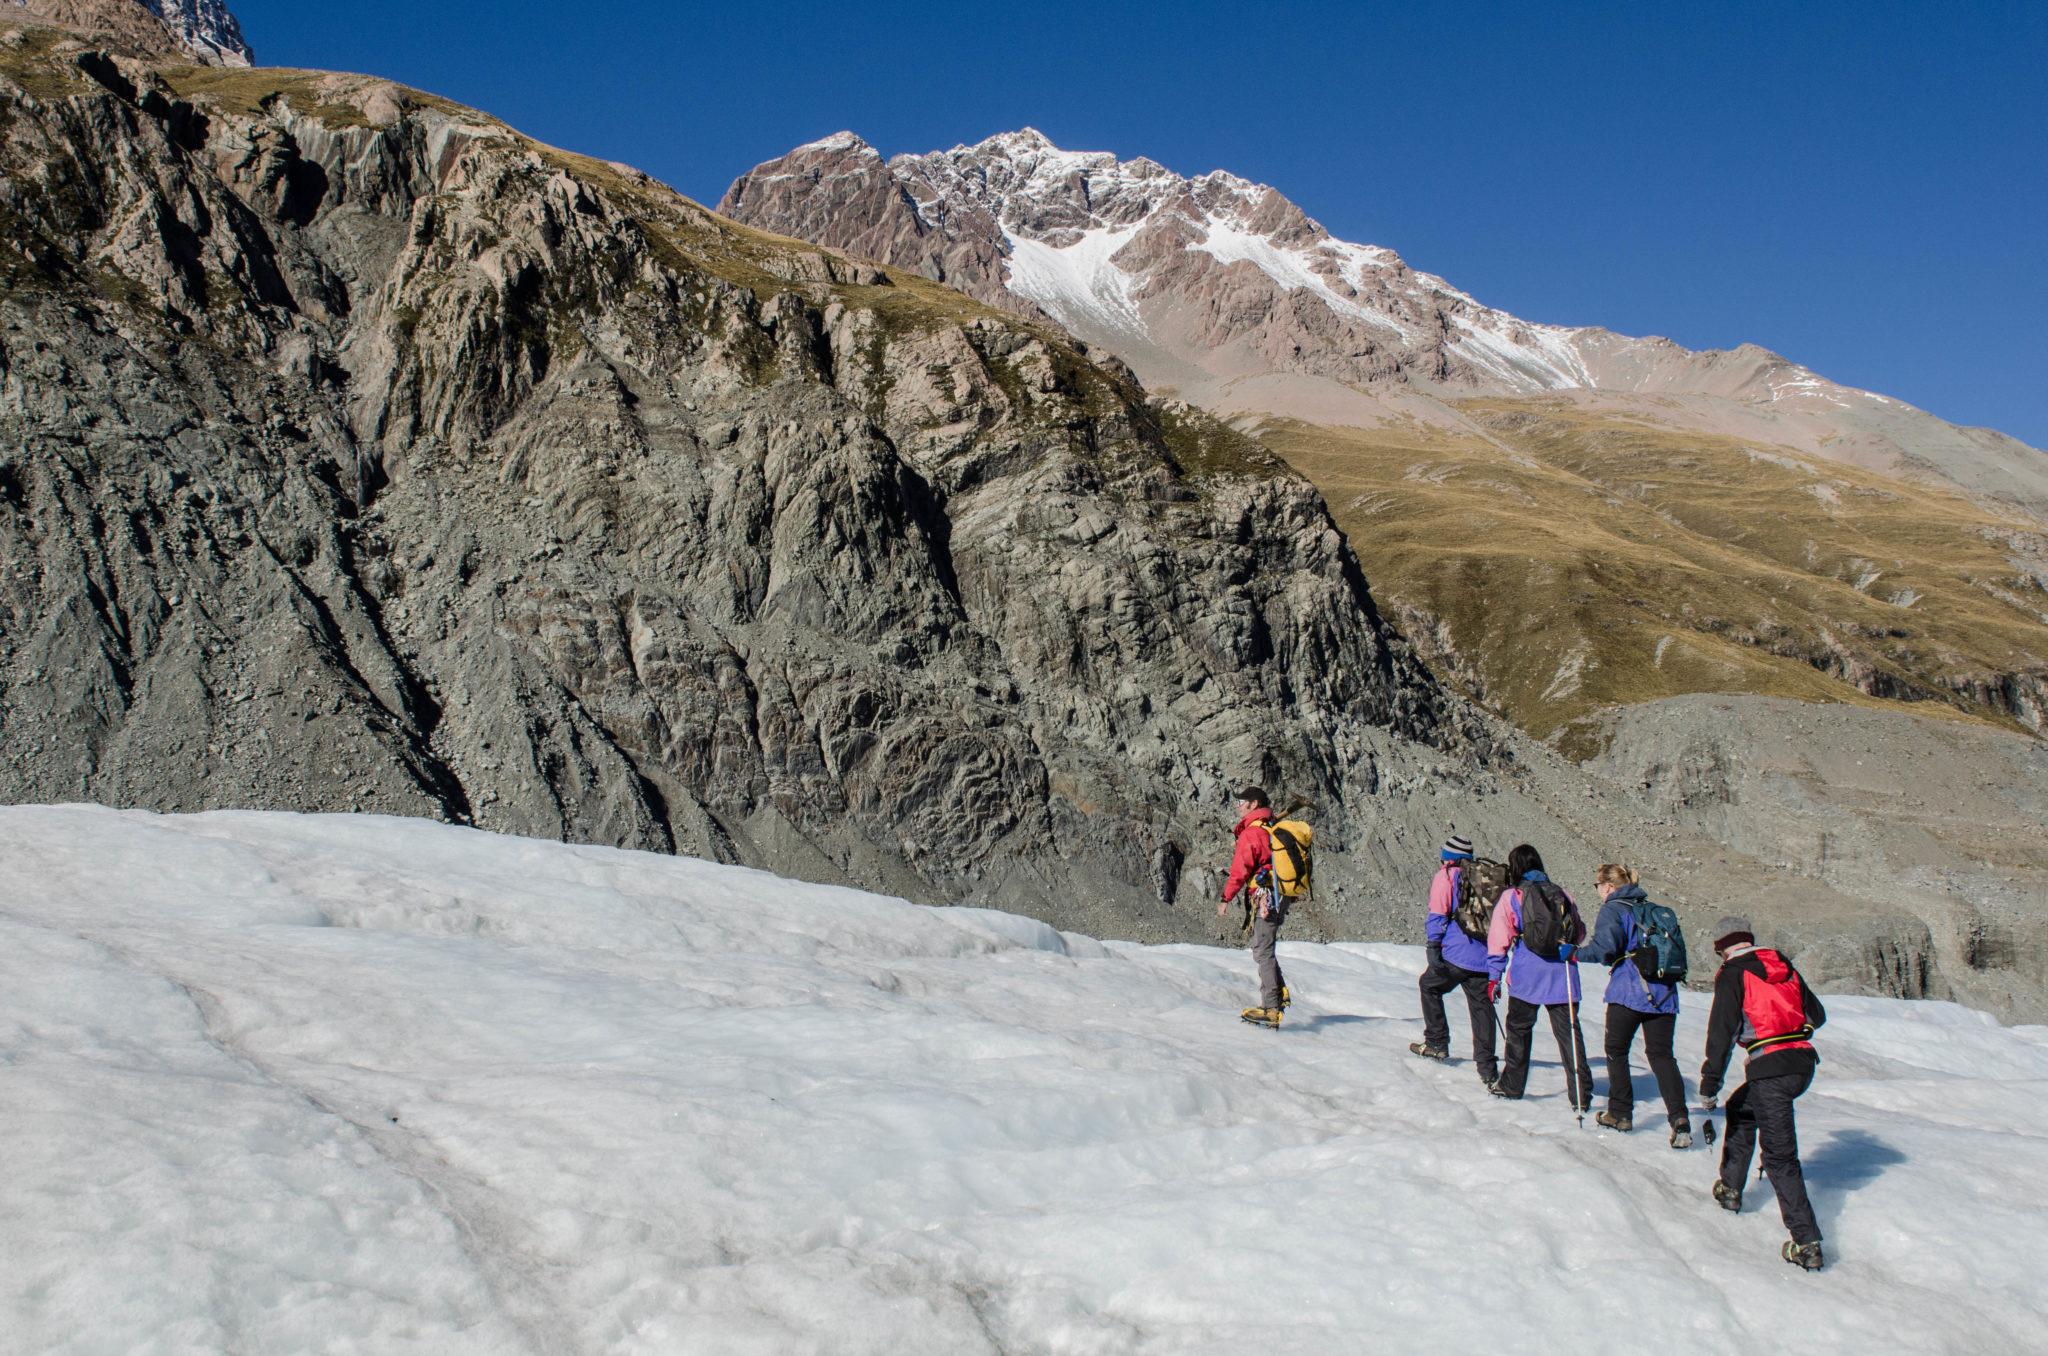 Mount Cook Neuseeland Gletscherwanderung: Die Gruppe folgt dem Gletscherführer